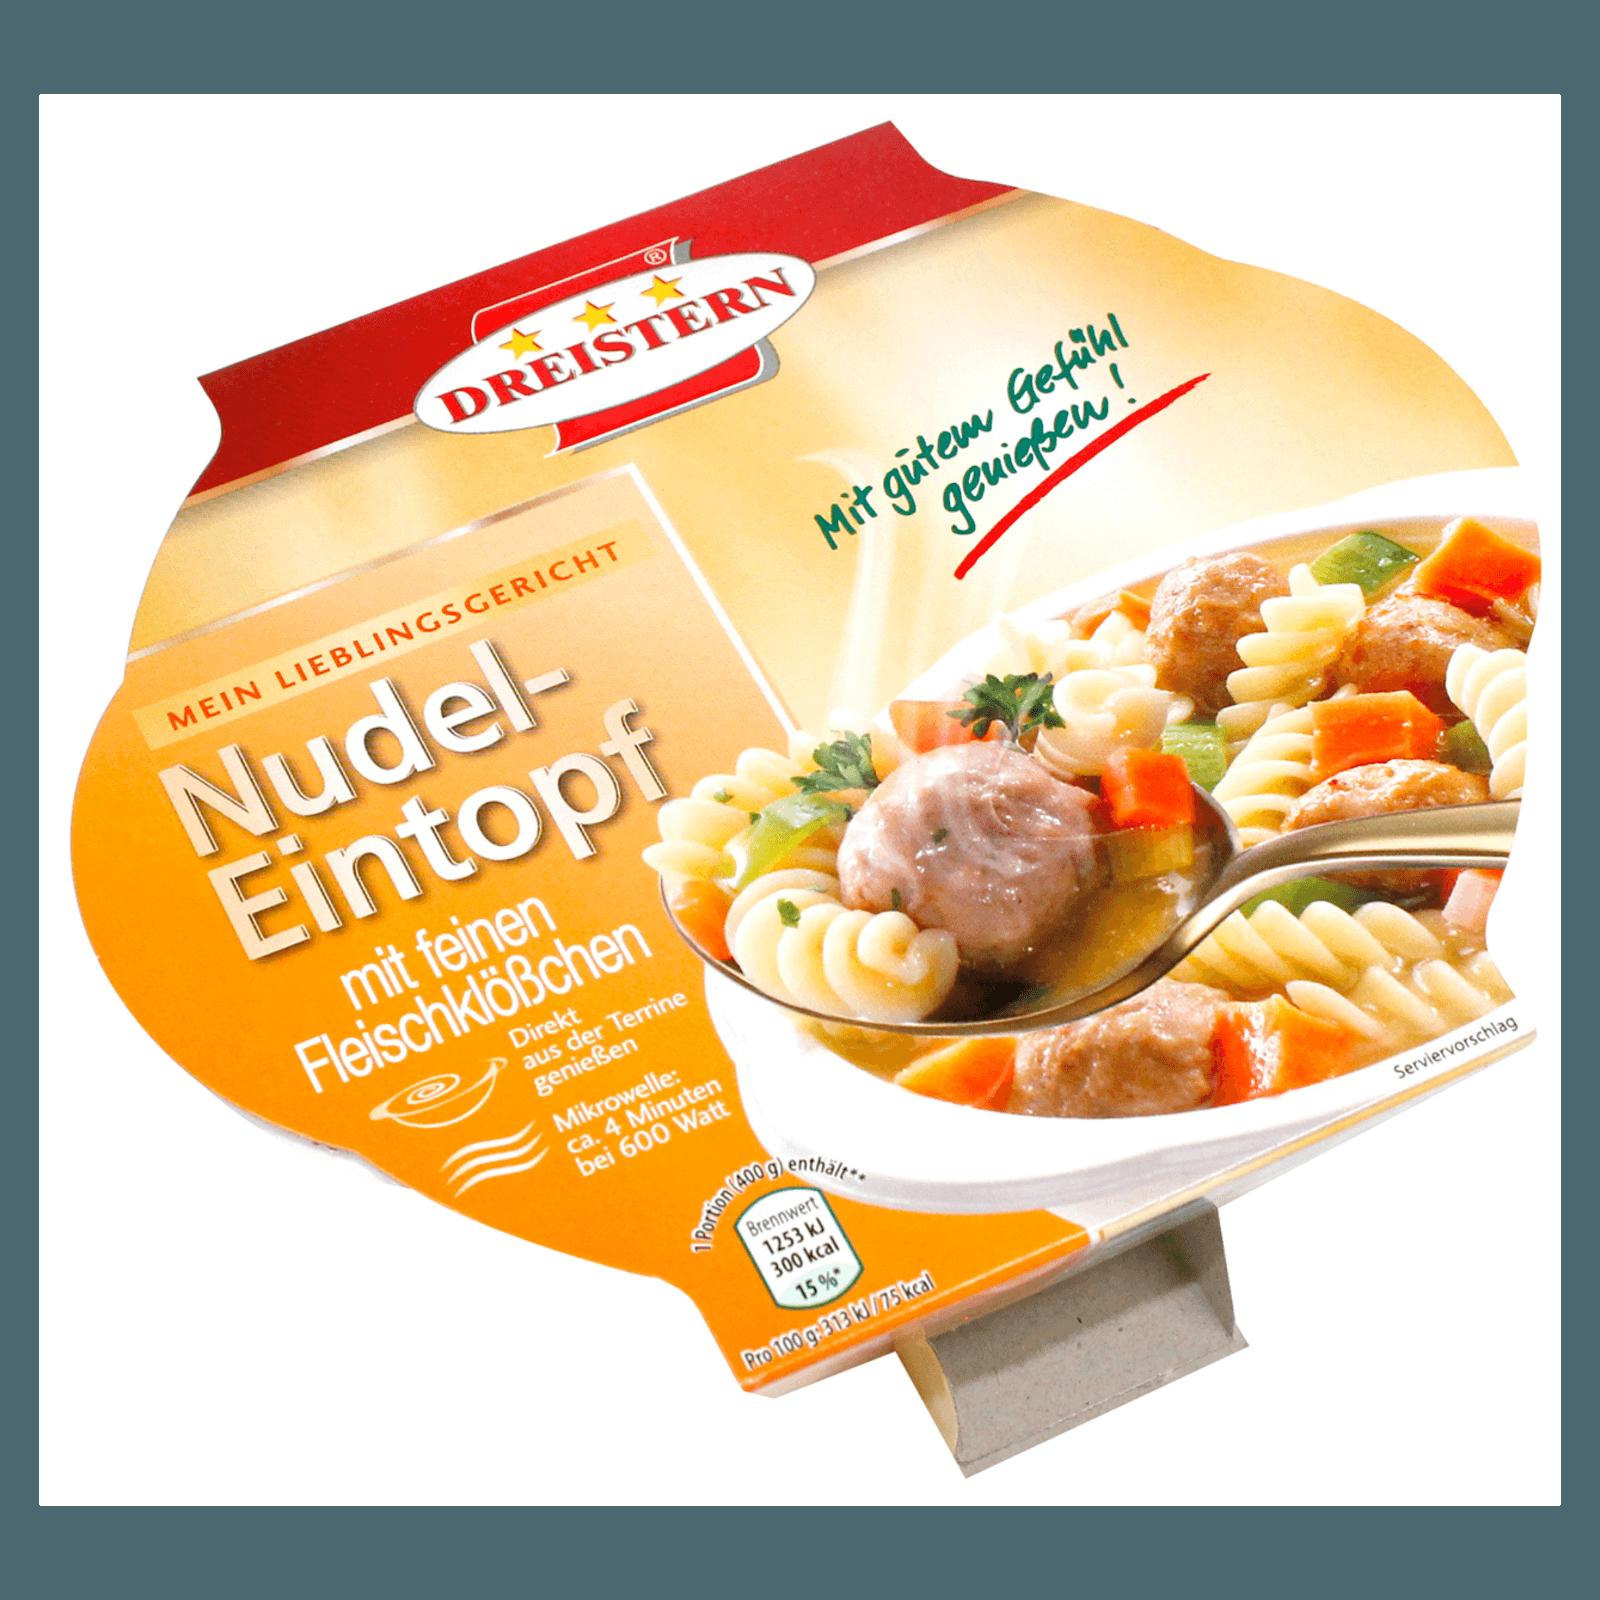 Dreistern Nudel-Eintopf mit feinen Fleischklößchen 400g